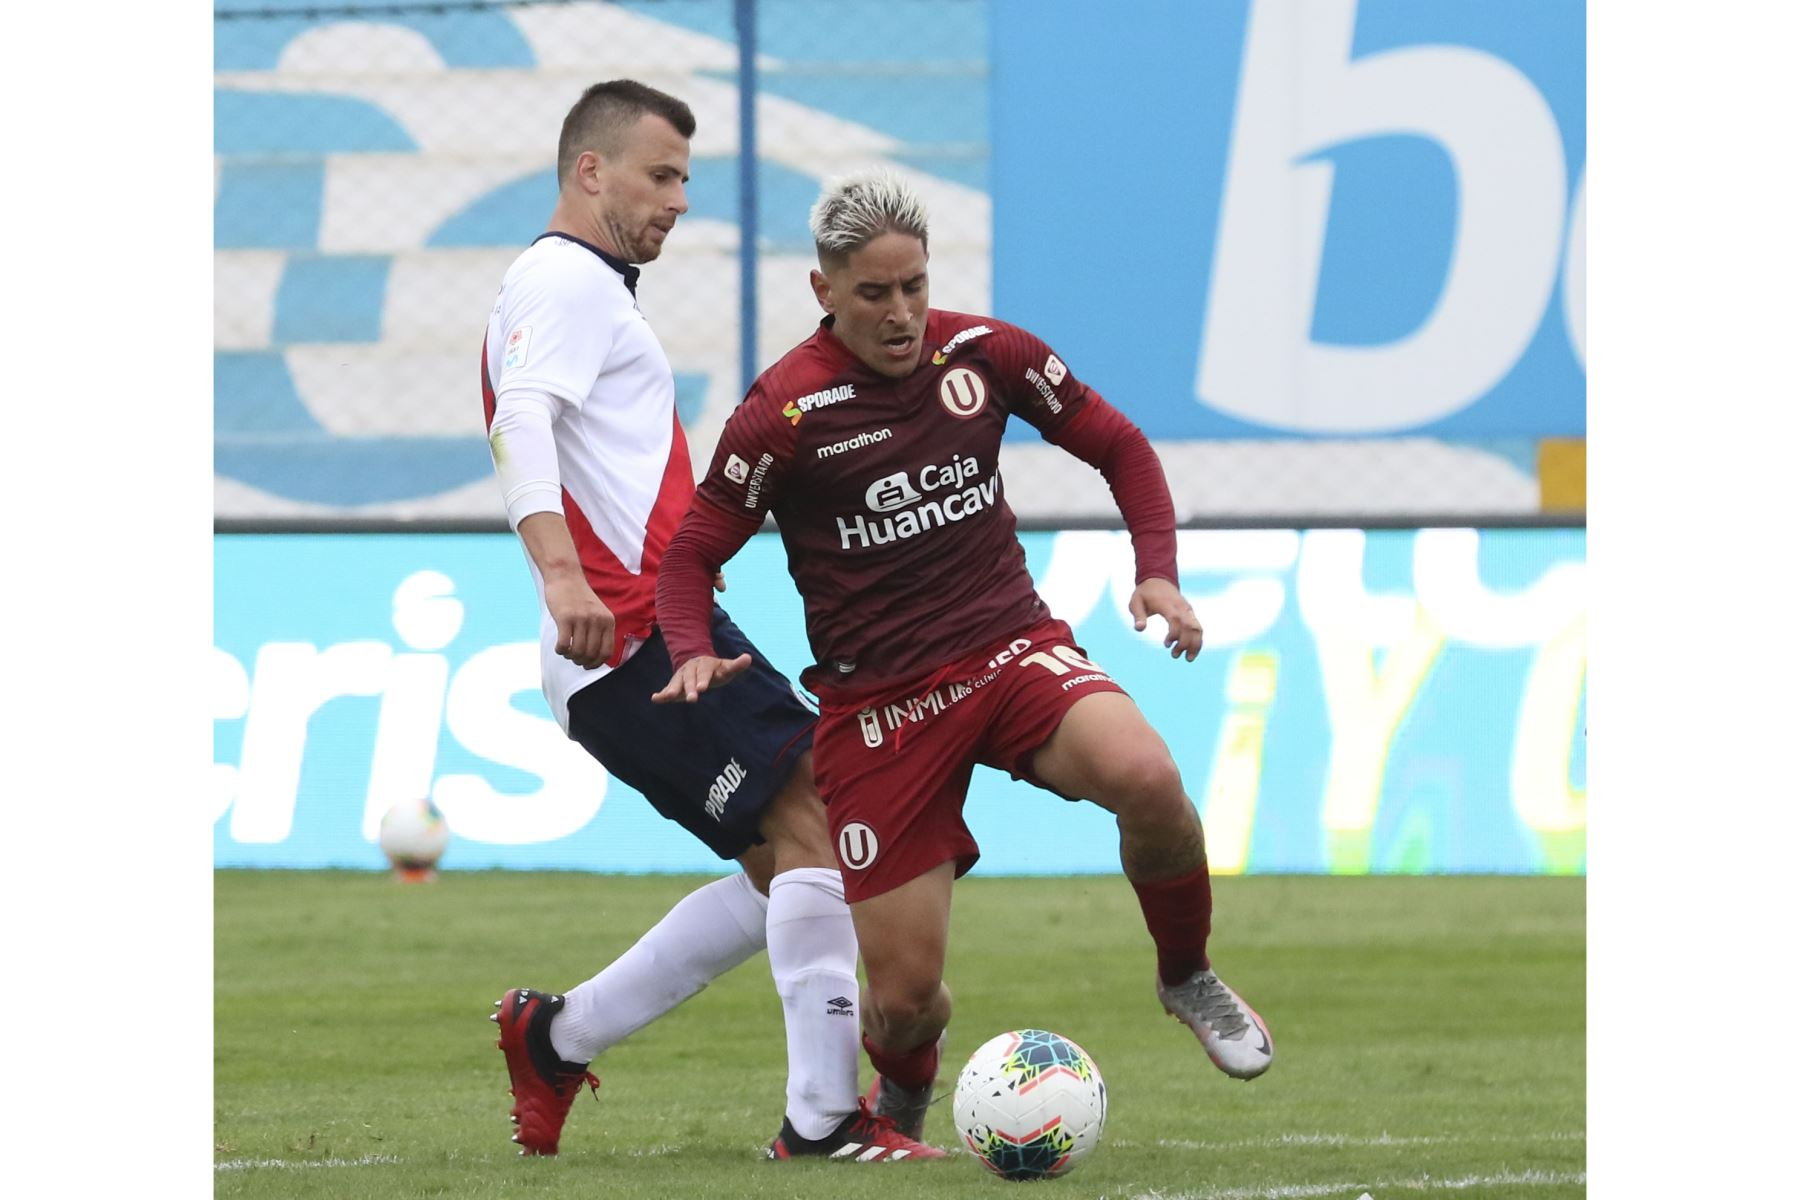 Alejandro Hohberg disputa el balón en la goleada de Universitario de Deportes a Deportivo Municipal que culminó 5-0 por la fecha 15 del Torneo Apertura de la Liga 1.   Foto: FPF